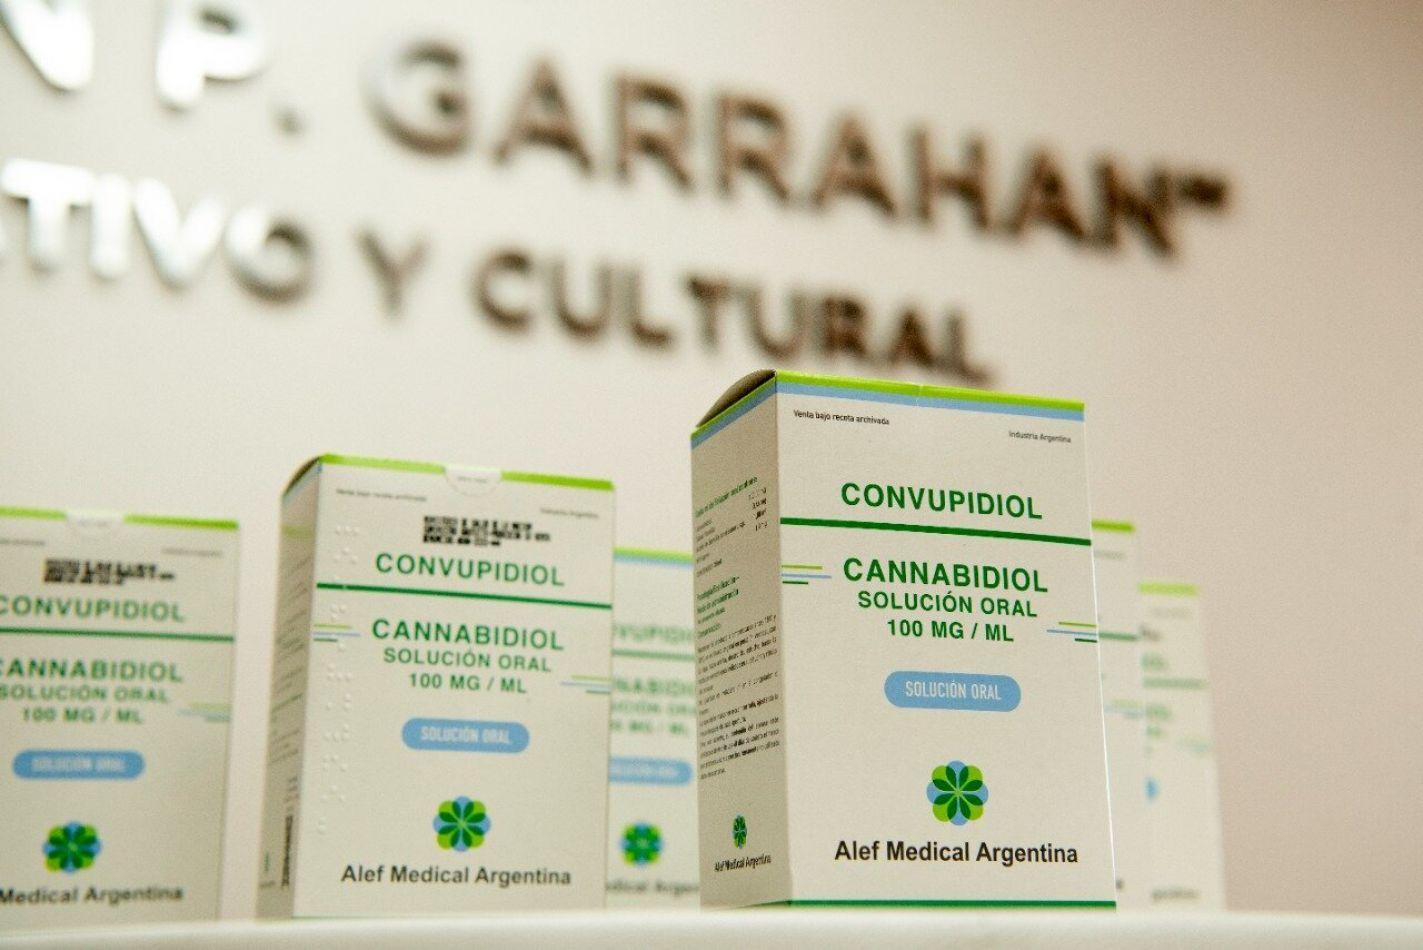 El Ministerio de Salud de la Nación, a través del Programa de Cannabis Medicinal.